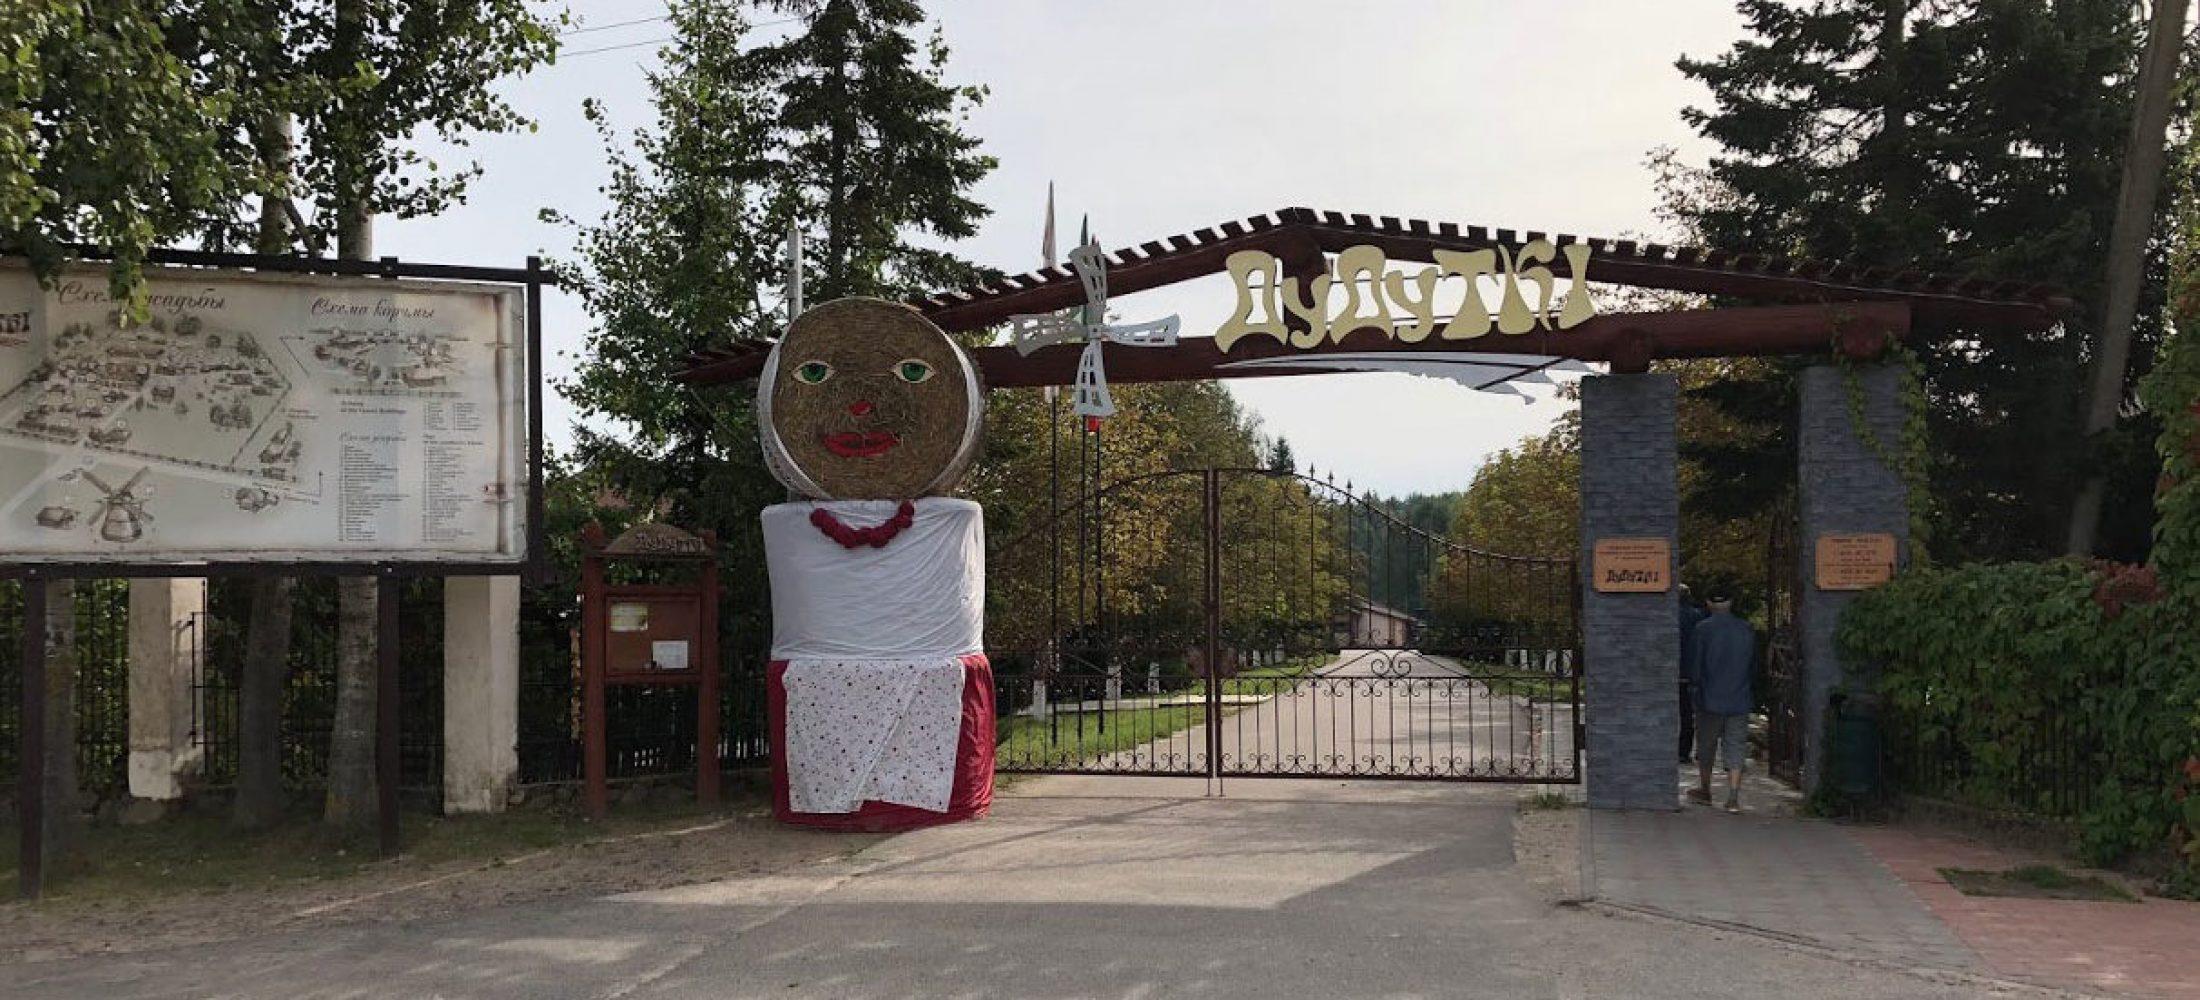 Dudutki-Main-Gate